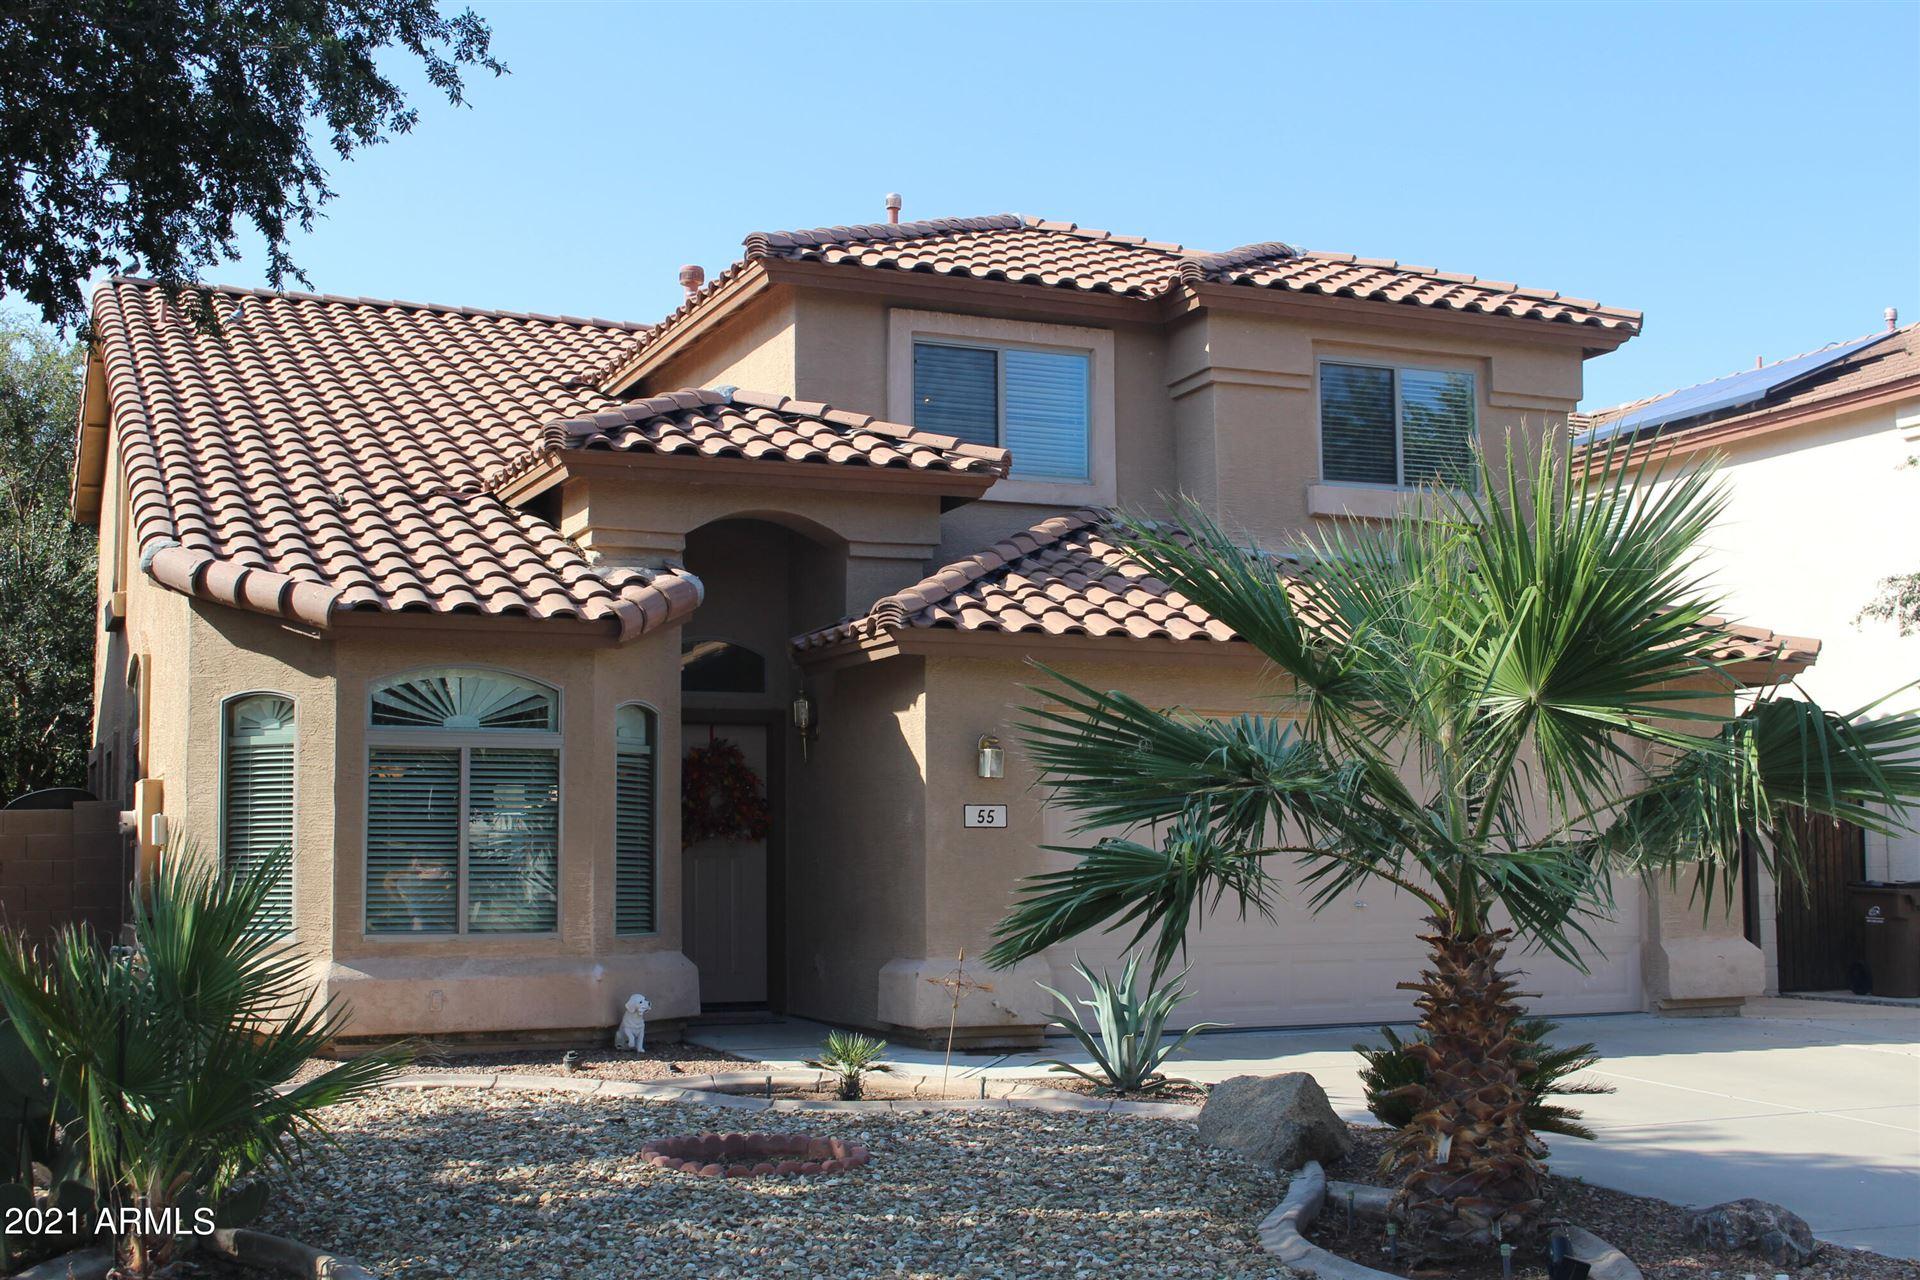 Photo of 55 W BRAHMAN Boulevard, San Tan Valley, AZ 85143 (MLS # 6296680)